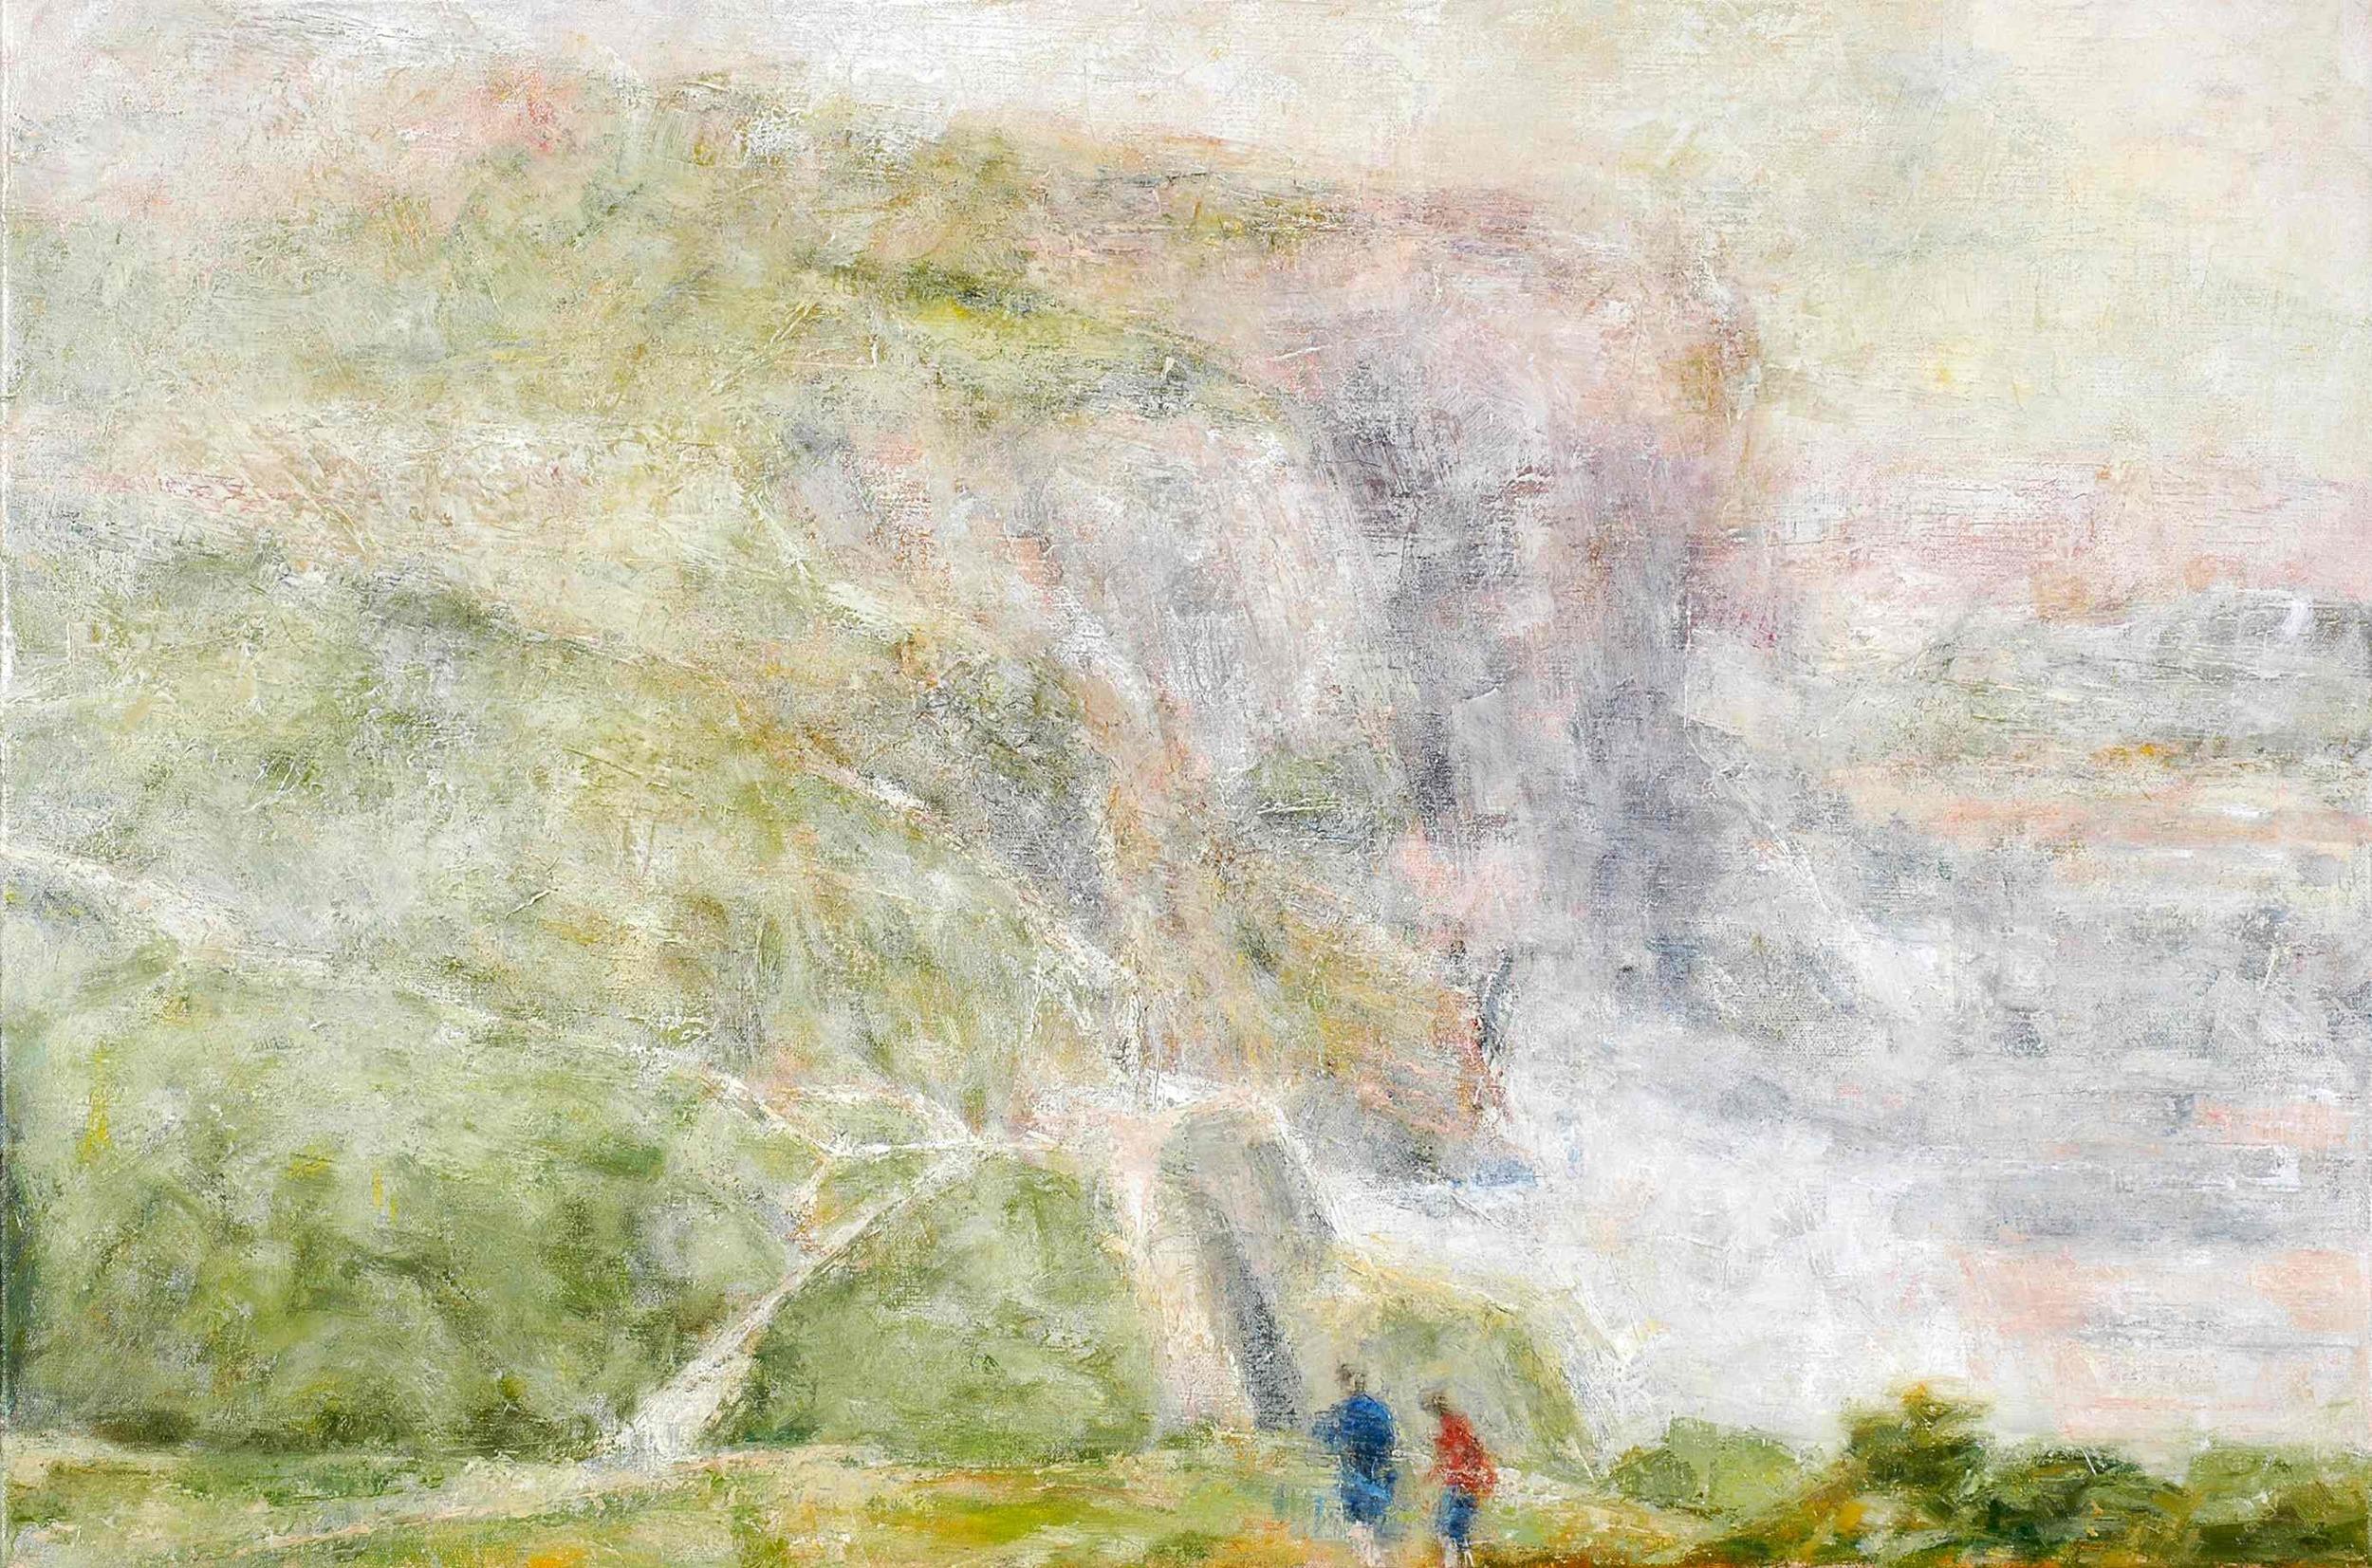 Cliffs and Children - 2007